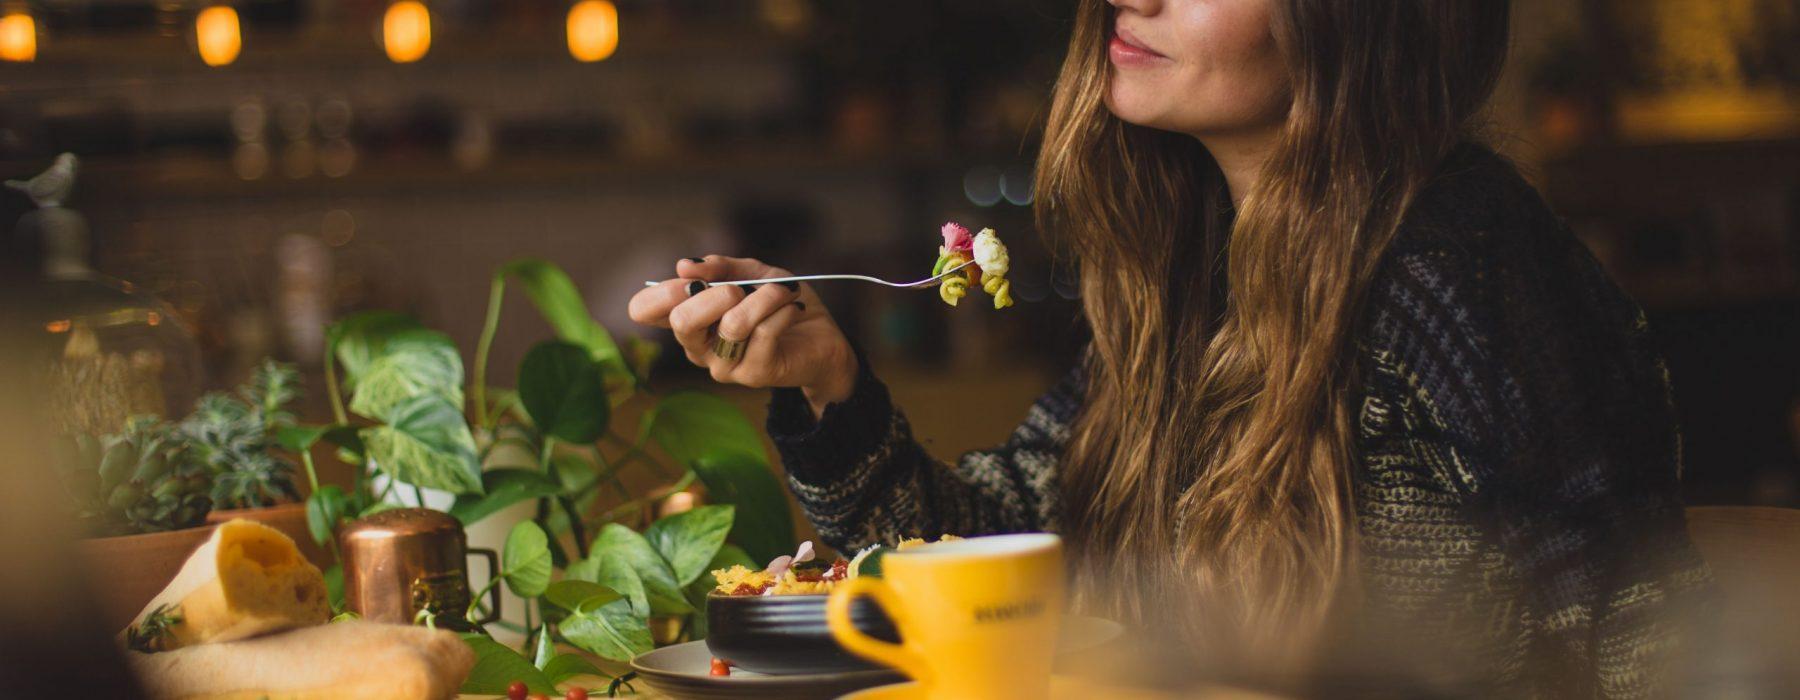 nowe nawyki żywieniowe jak zmienić